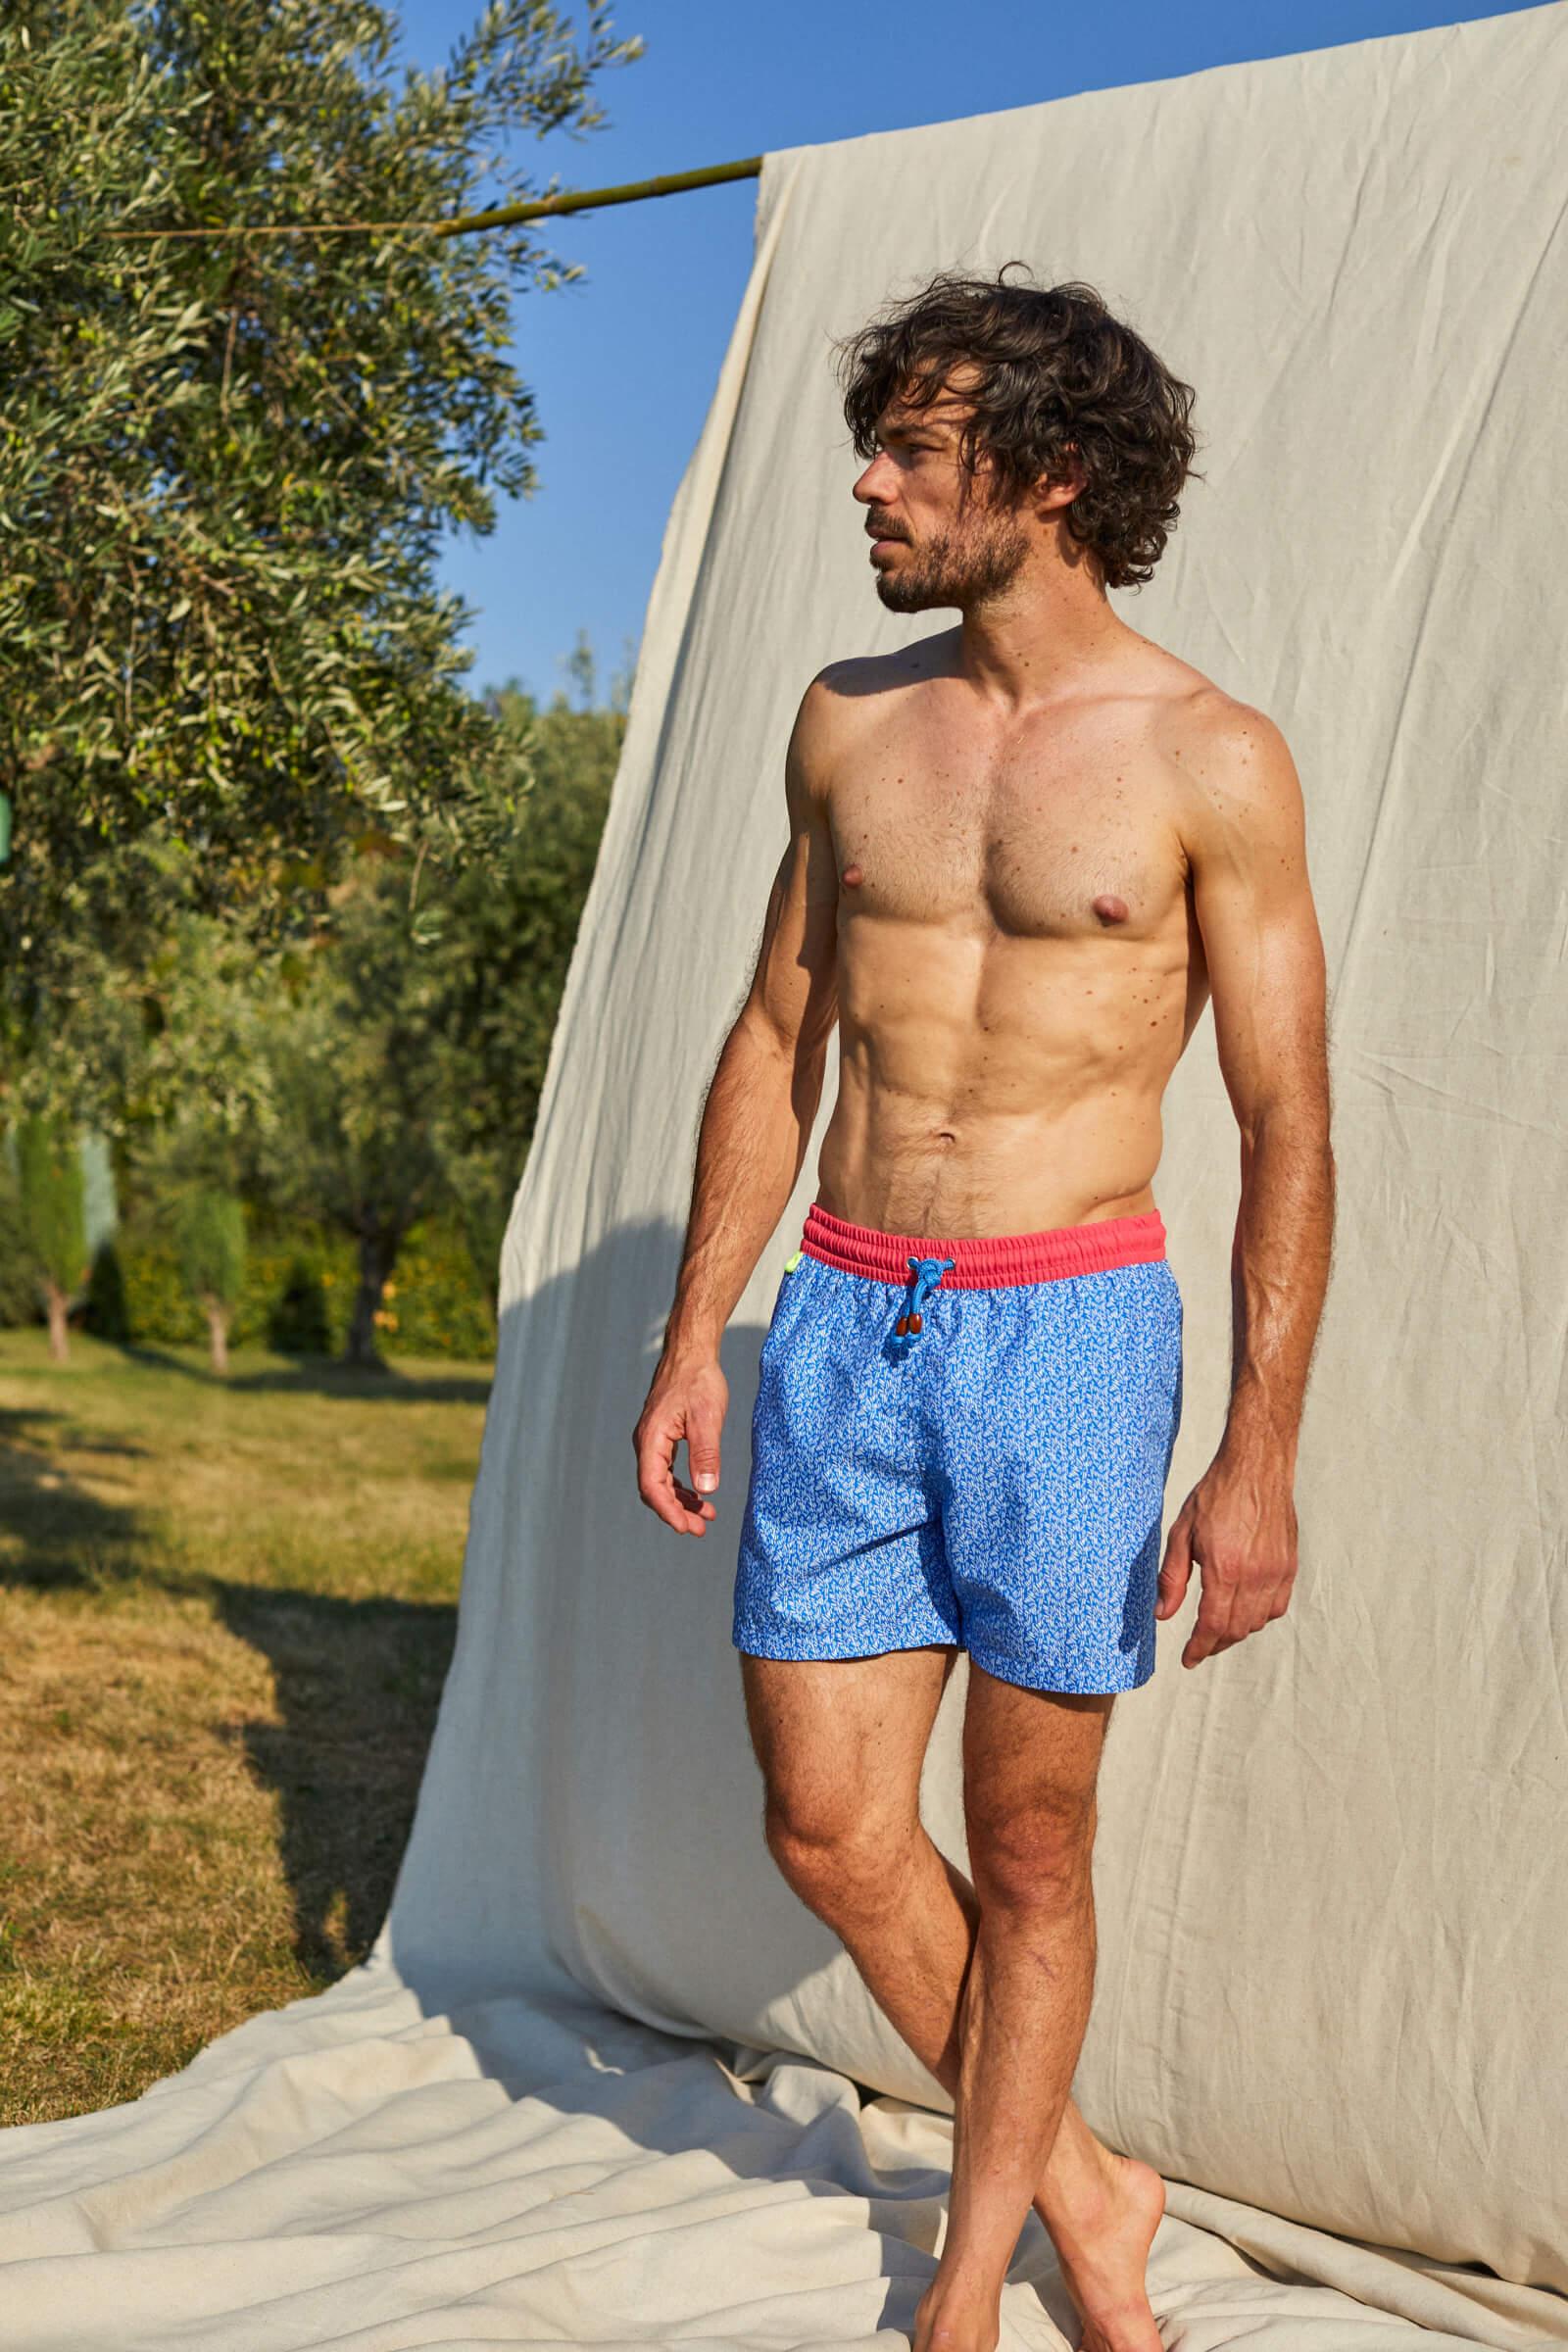 Homme portant un maillot de bain à ceinture élastique Riviera